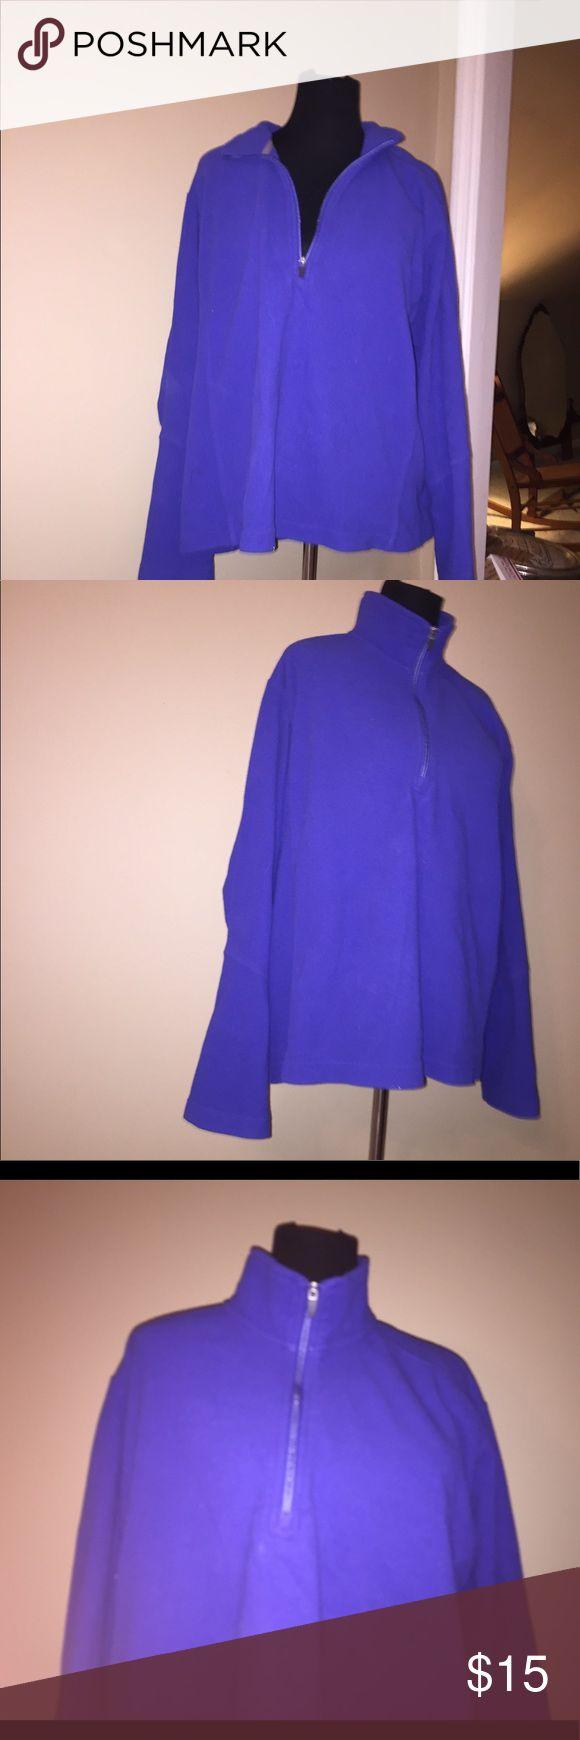 Women's Lands End Purple Fleece Polartec Half Zip Like new condition! Women's xl Lands' End Tops Sweatshirts & Hoodies